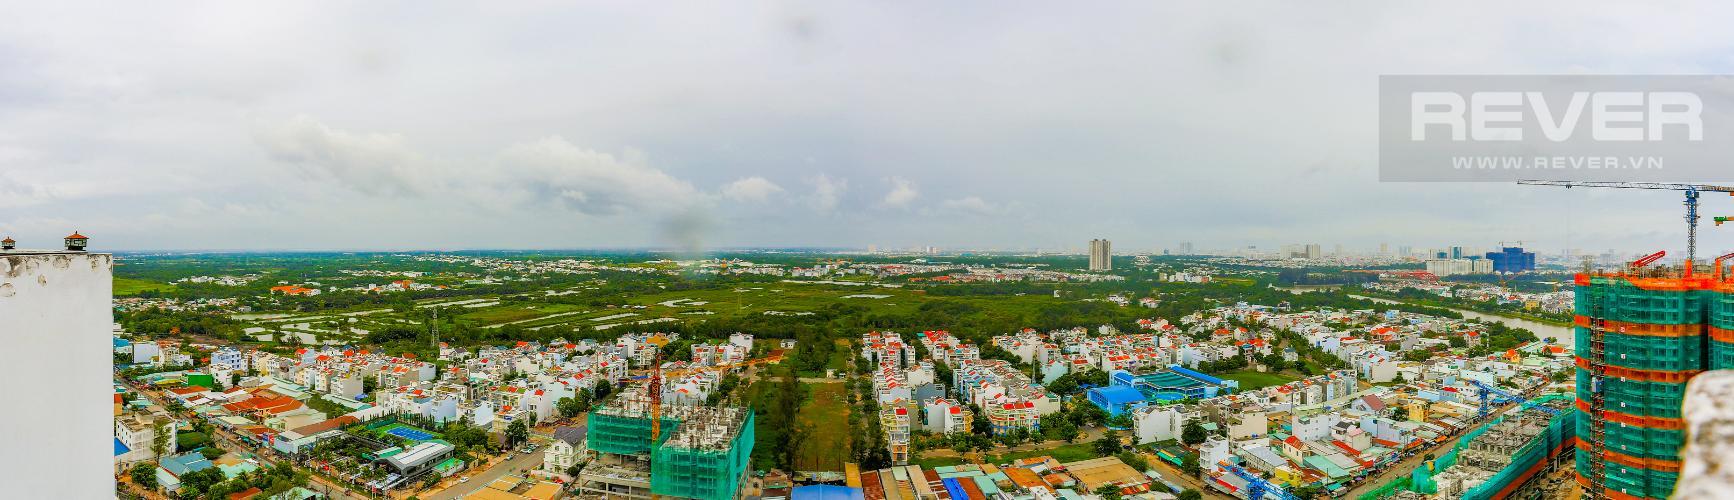 View Căn hộ Duplex New Sài Gòn tầng cao tháp D1, 4 phòng ngủ, full nội thất